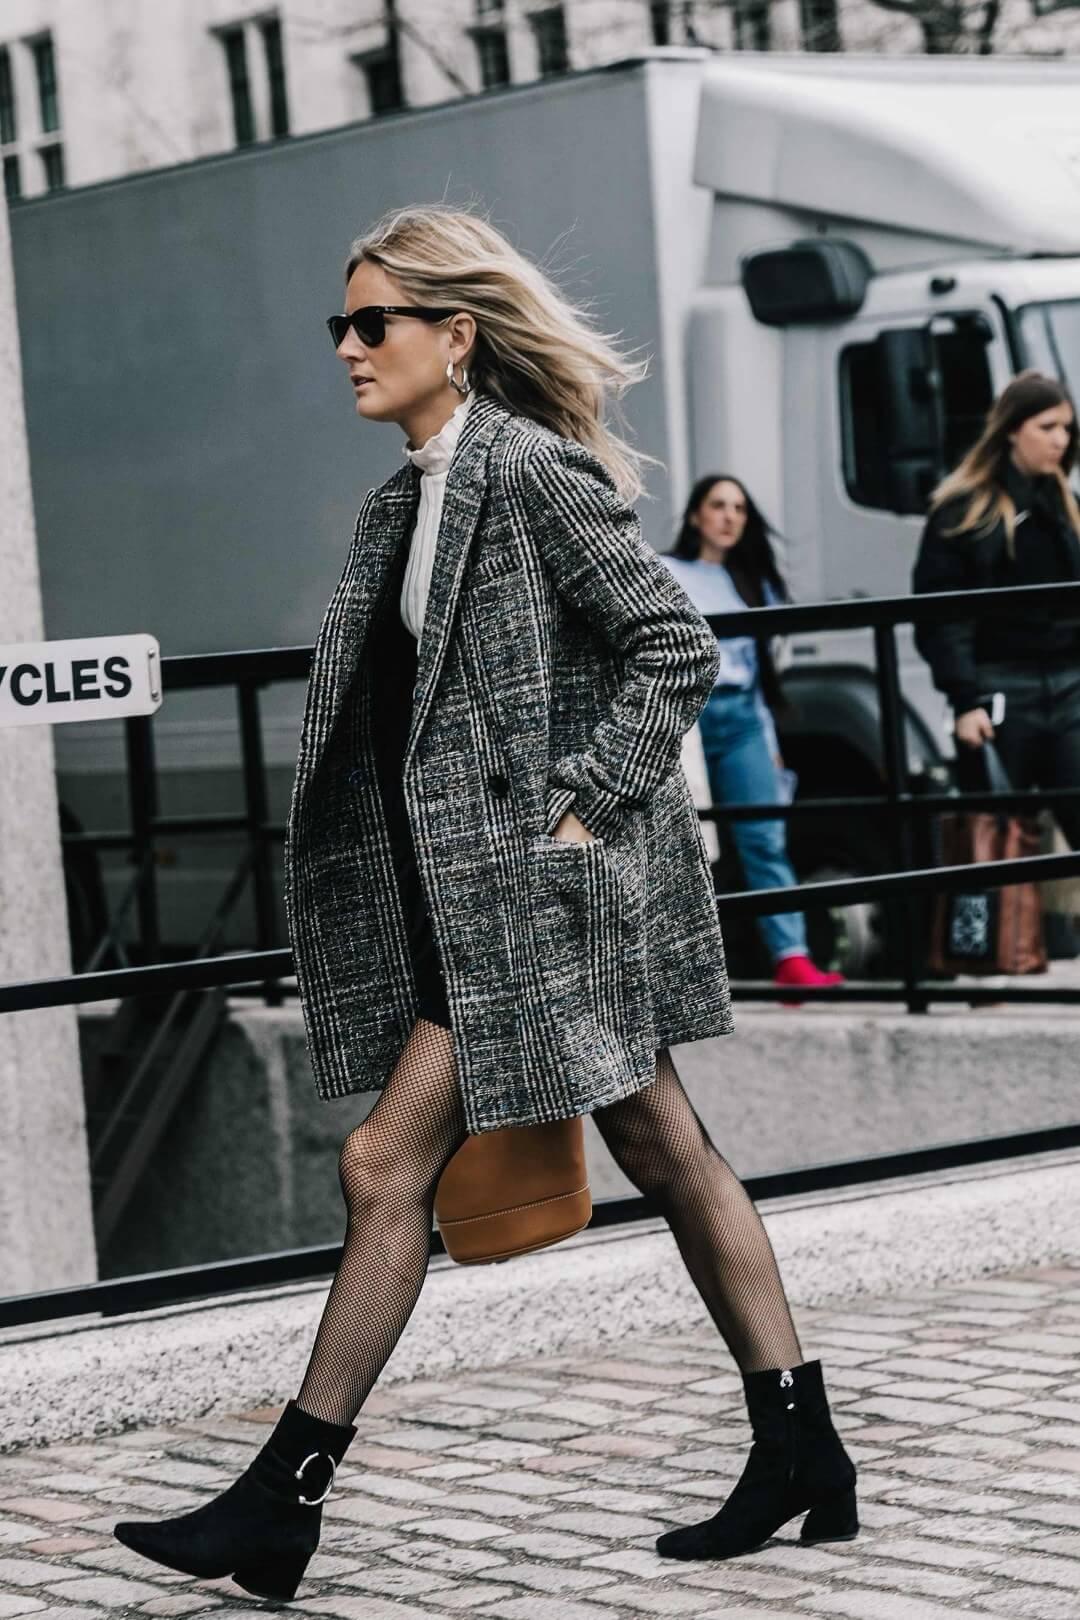 Stivaletti: tre consigli su come indossarli Shoelove by